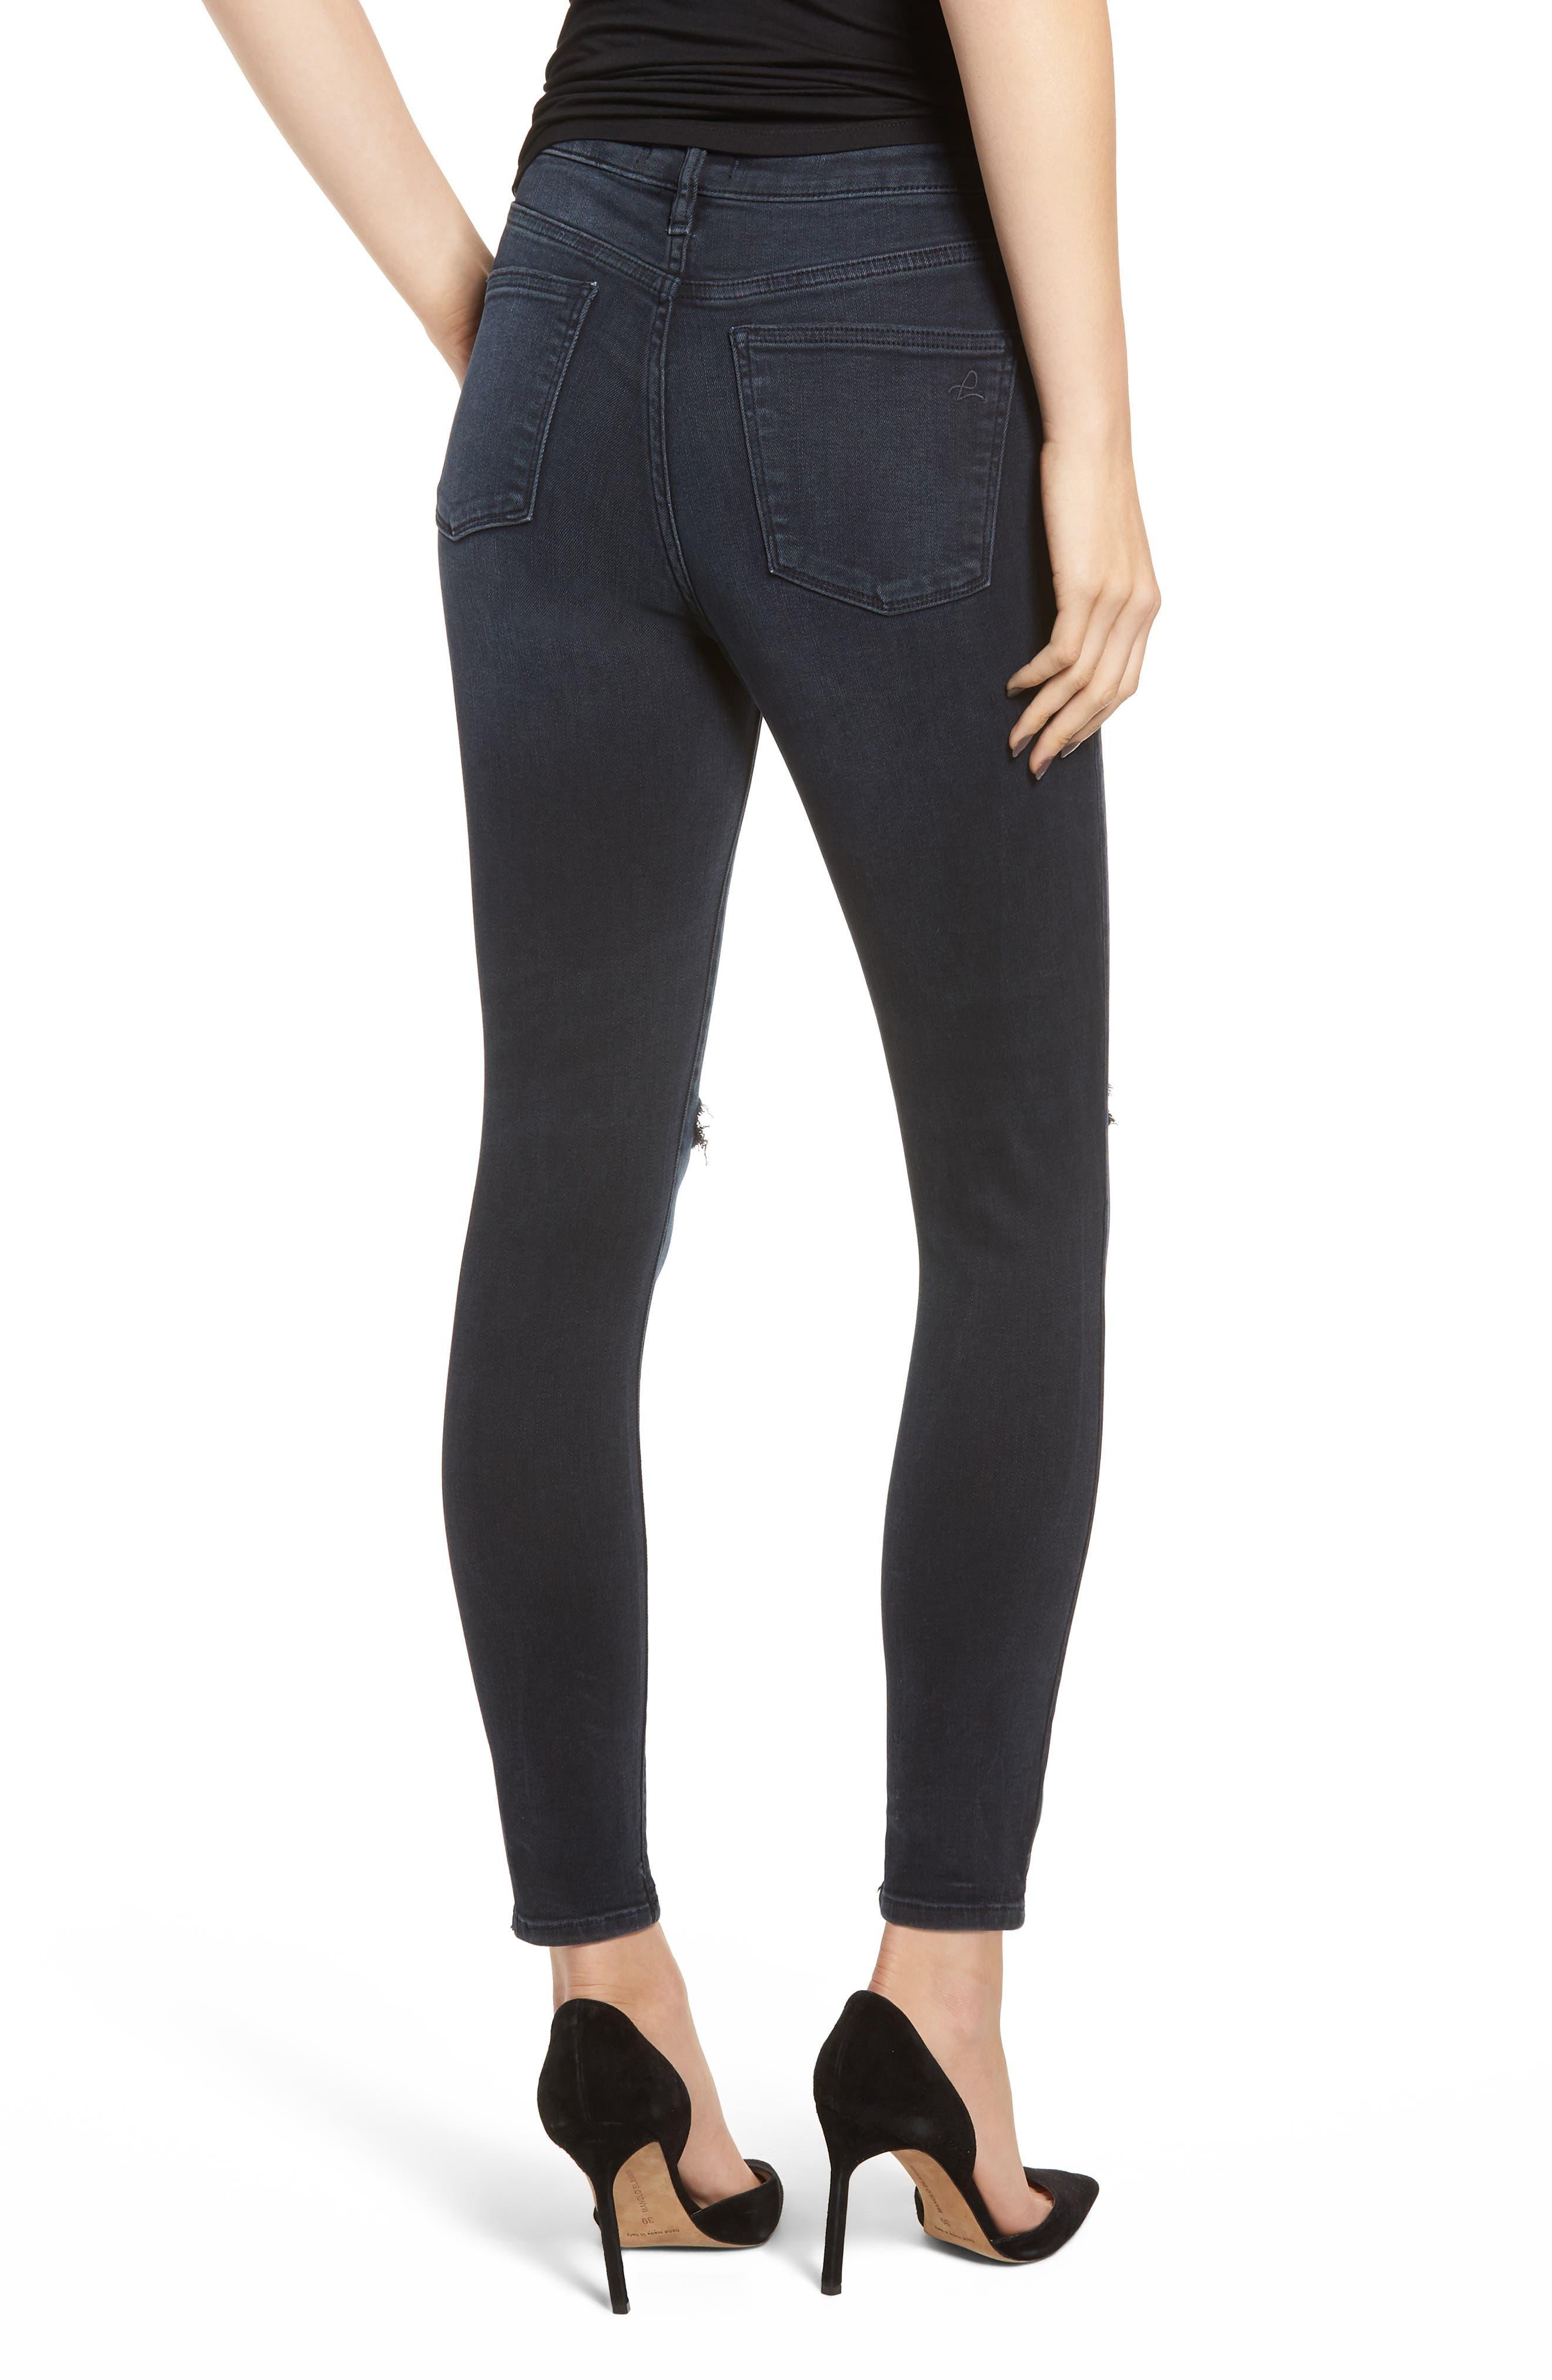 Chrissy Ultra High Waist Ankle Skinny Jeans,                             Alternate thumbnail 2, color,                             PORTER